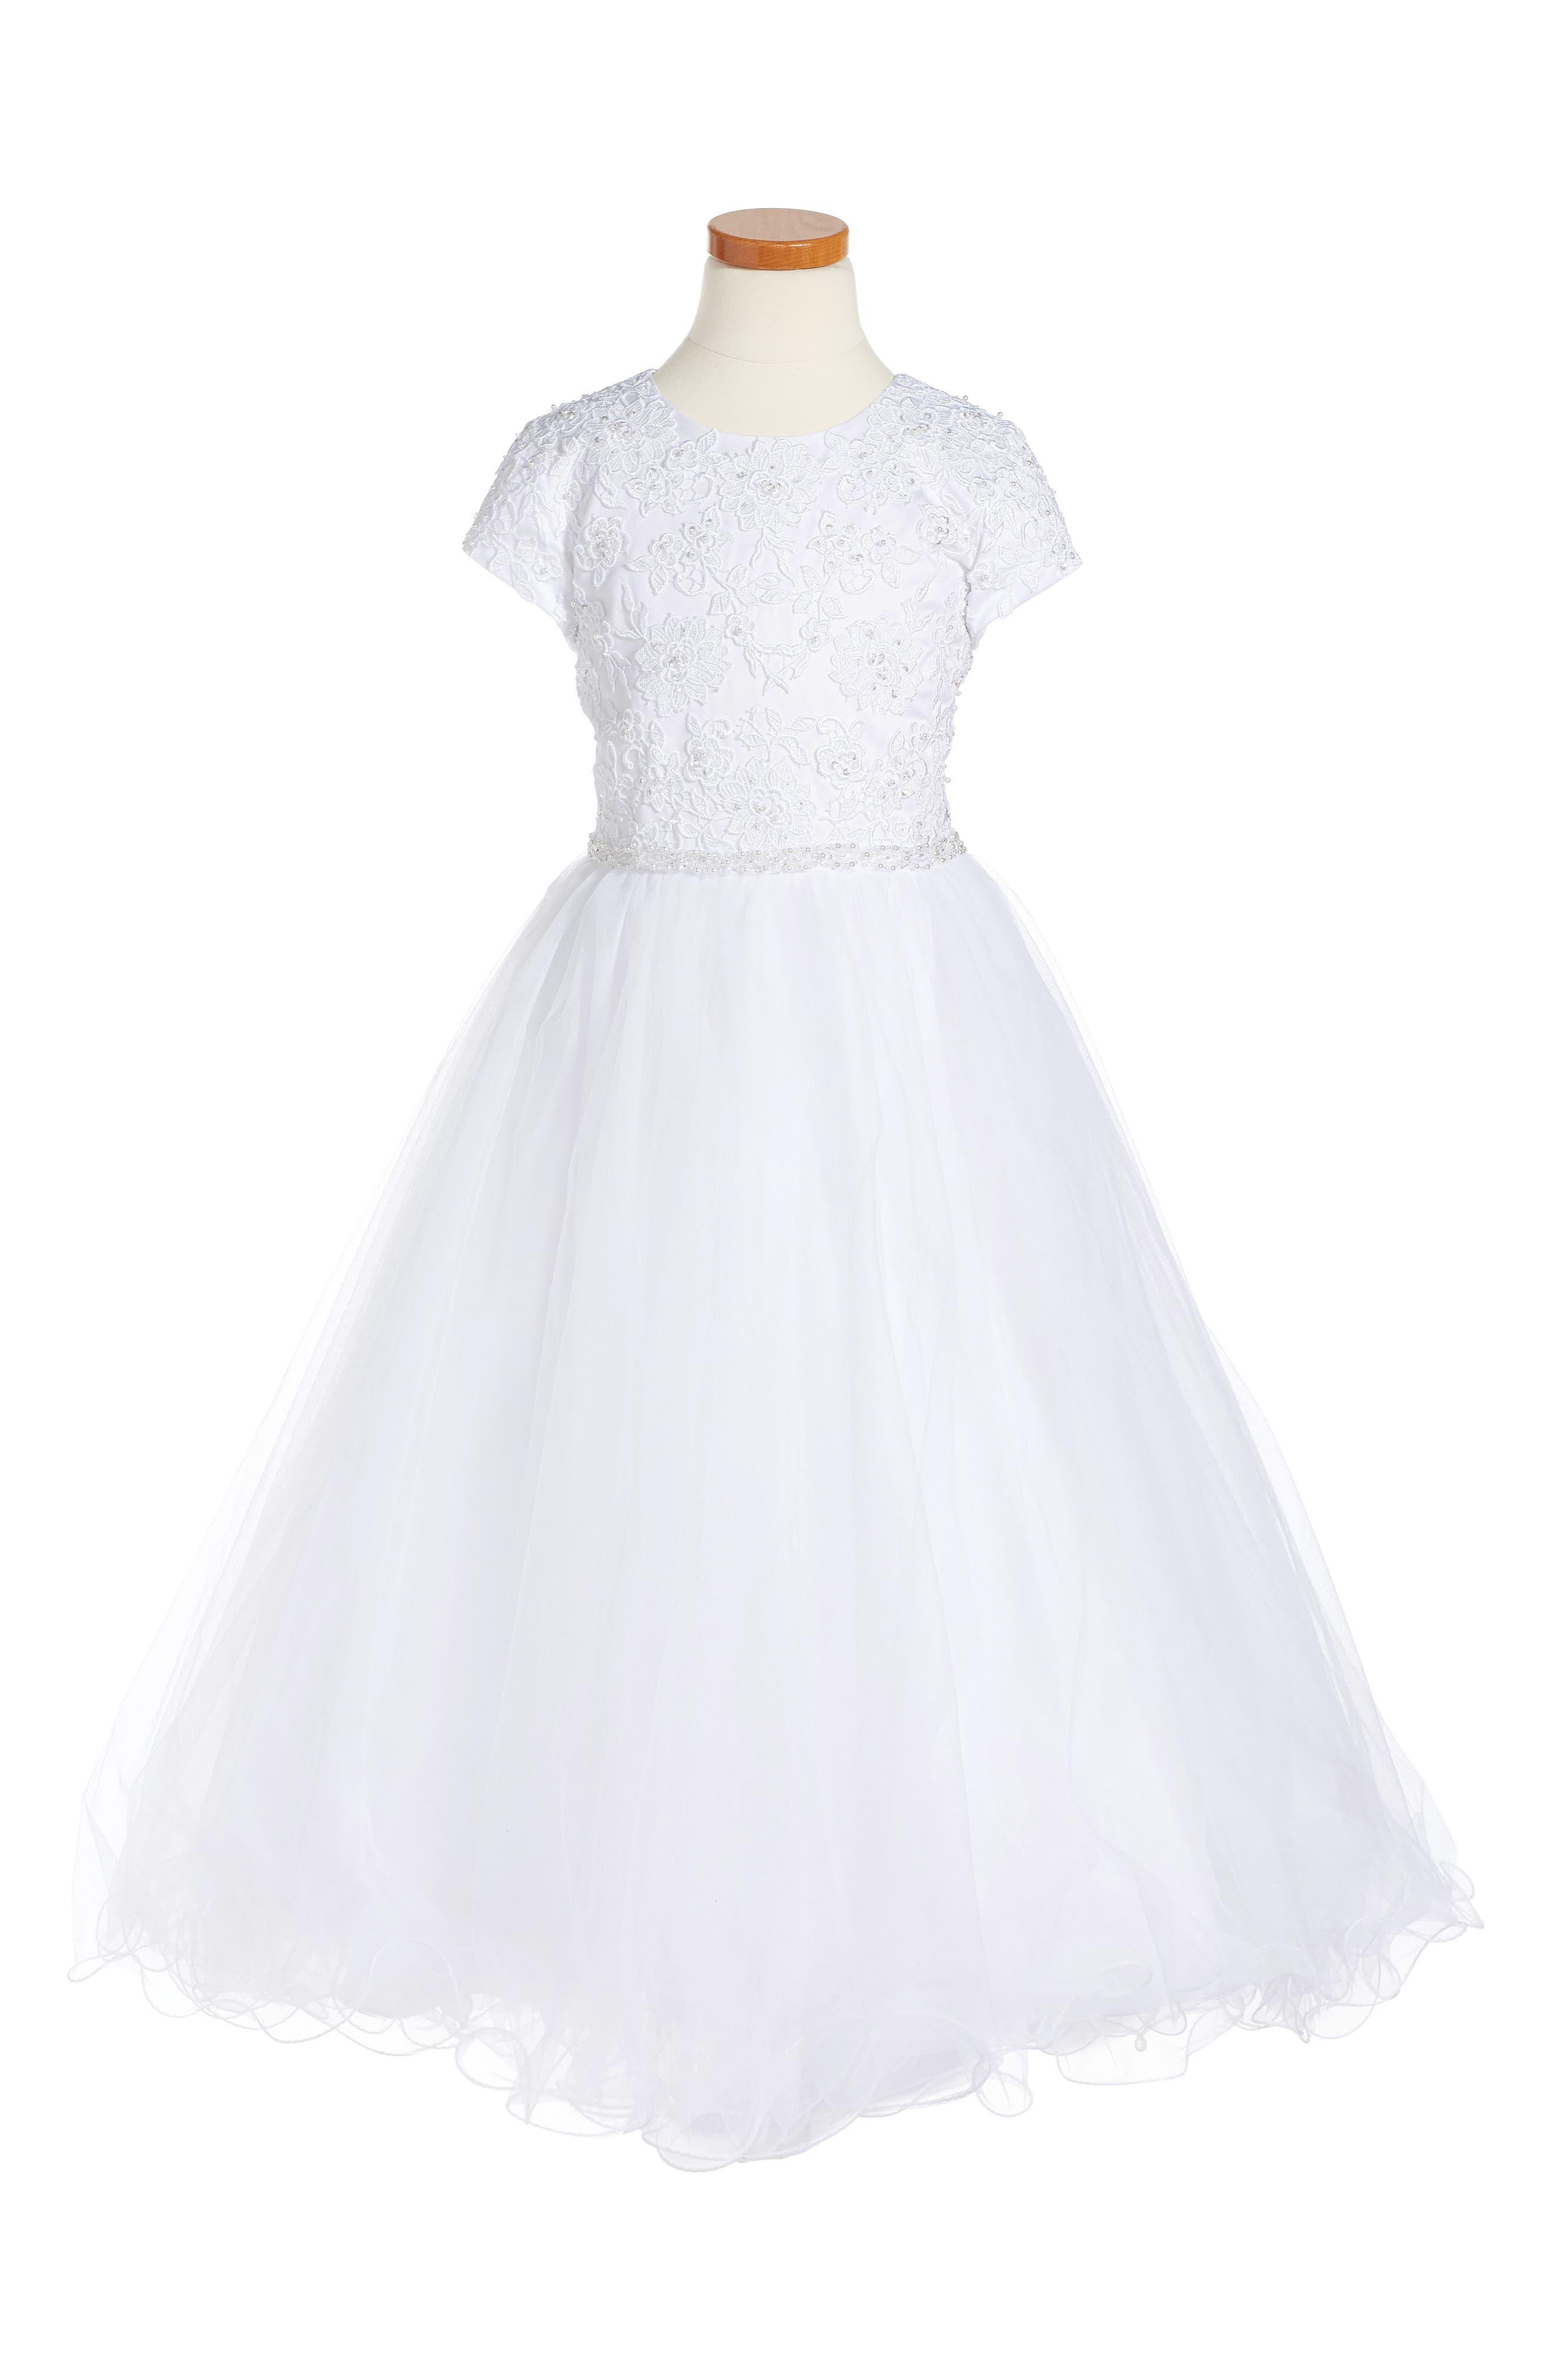 Floral Appliqué First Communion Dress,                             Main thumbnail 1, color,                             100